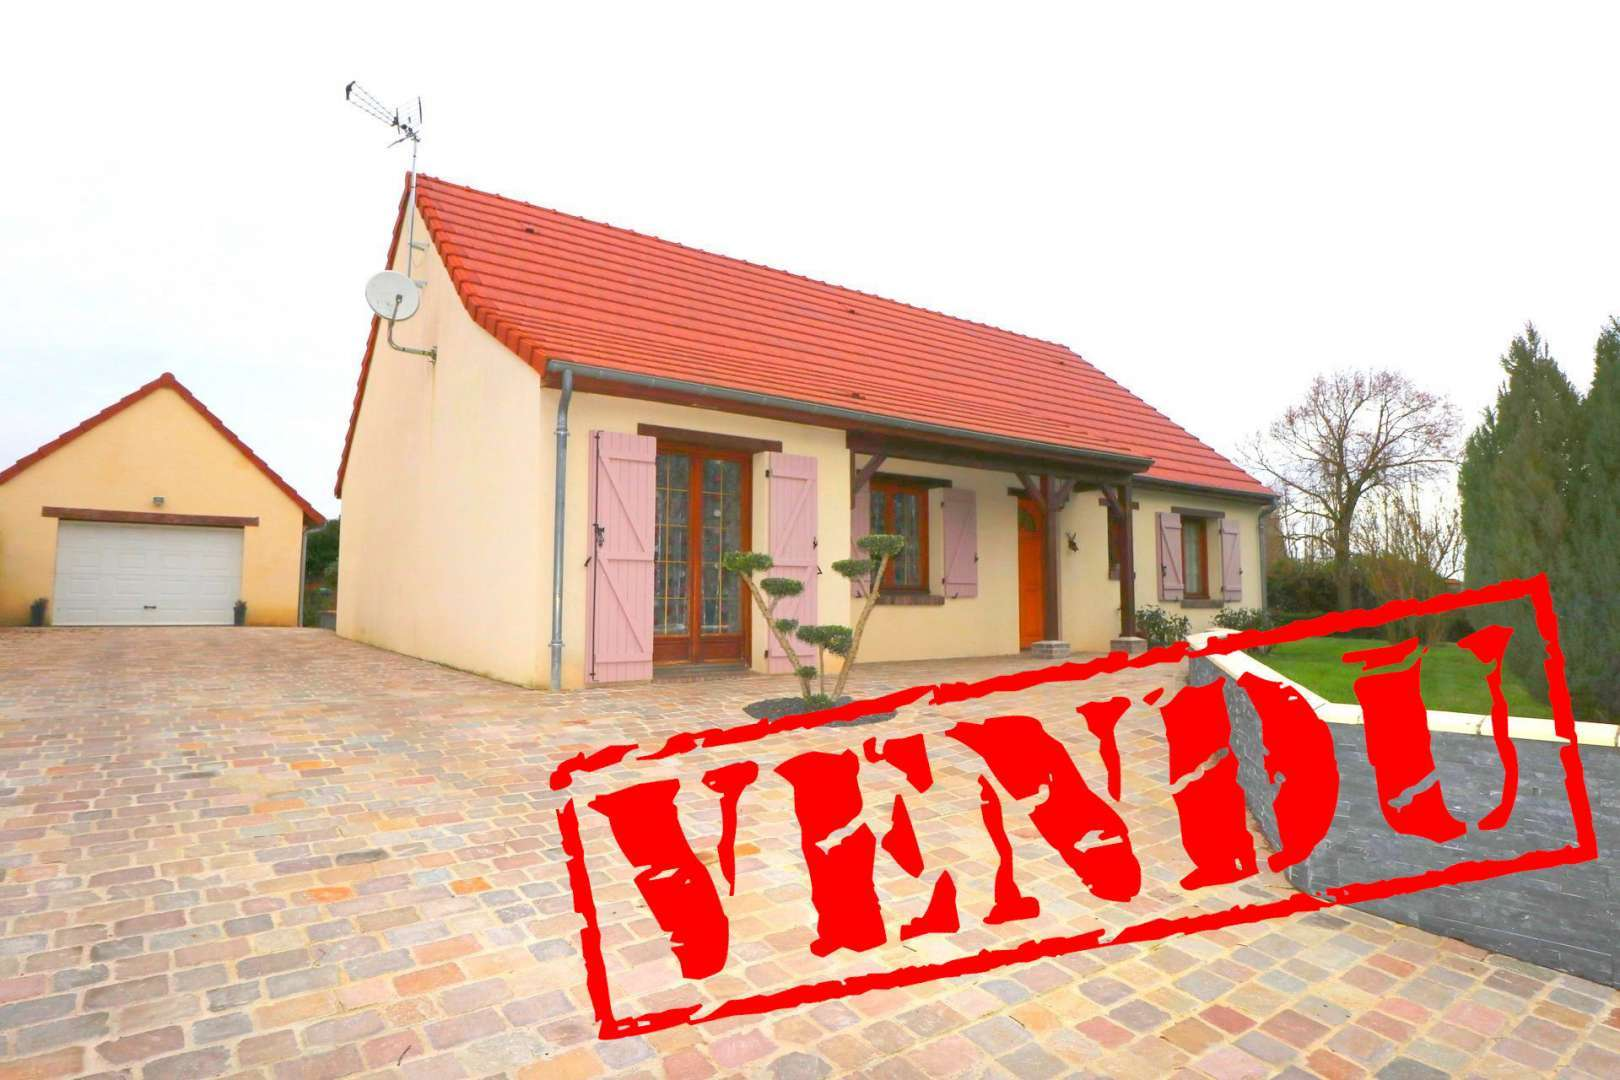 Vente Maison Tremblay Les Villages